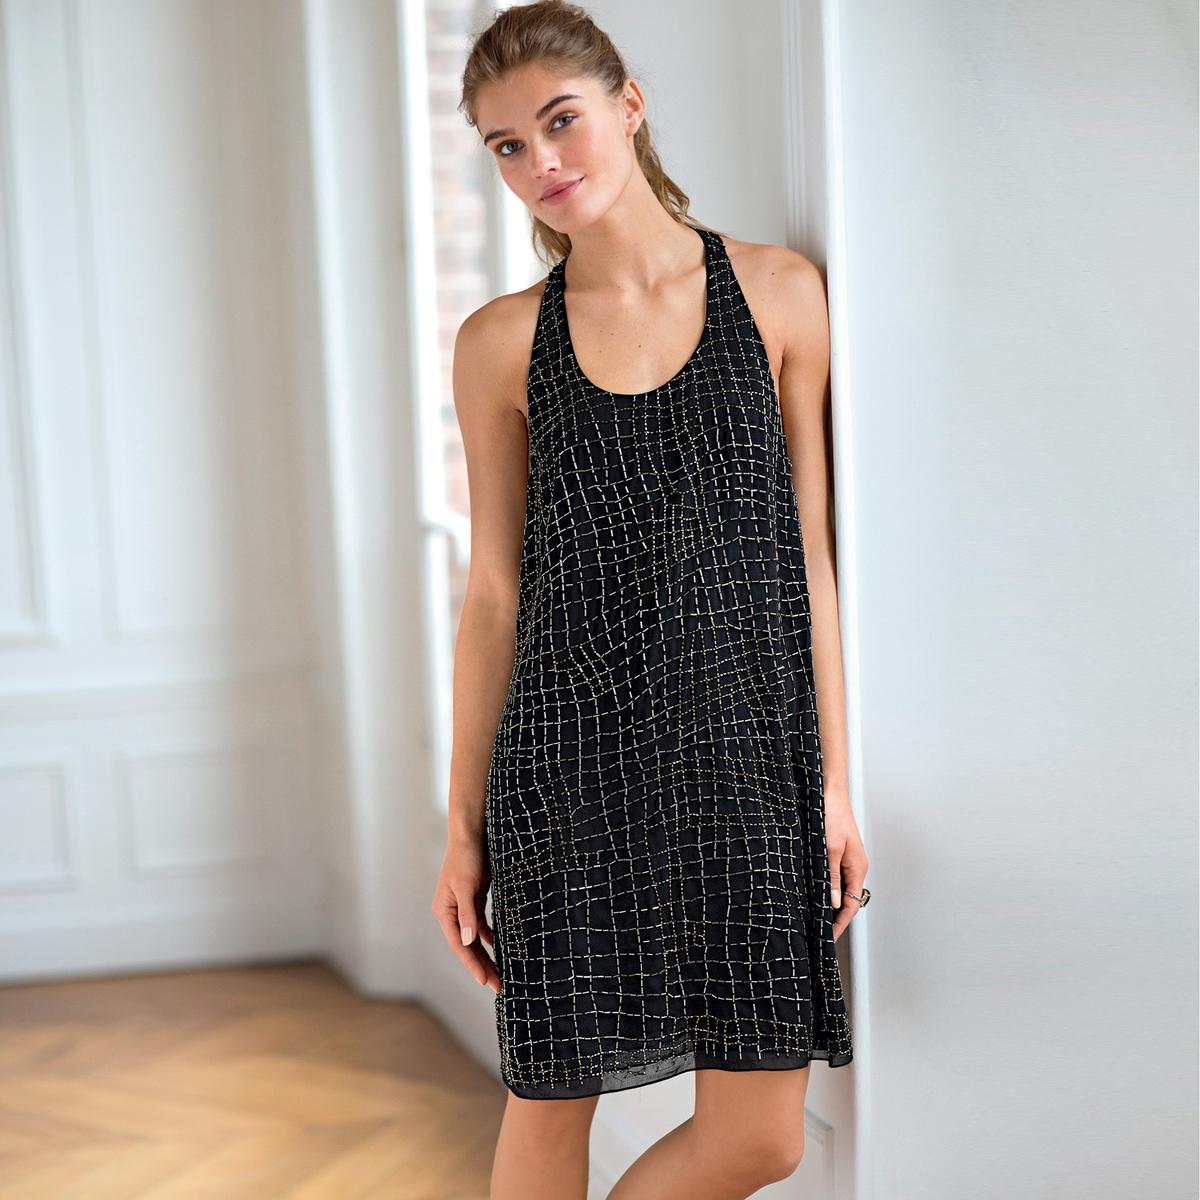 Платье из блестящей ткани без рукавовПлатье из струящейся ткани, 100% полиэстера. Без рукавов. Вышивка и бусины украшают платье спереди и сзади. Борцовская спинка. Подкладка из полиэстера. Длина 90 см.<br><br>Цвет: черный<br>Размер: 38 (FR) - 44 (RUS)